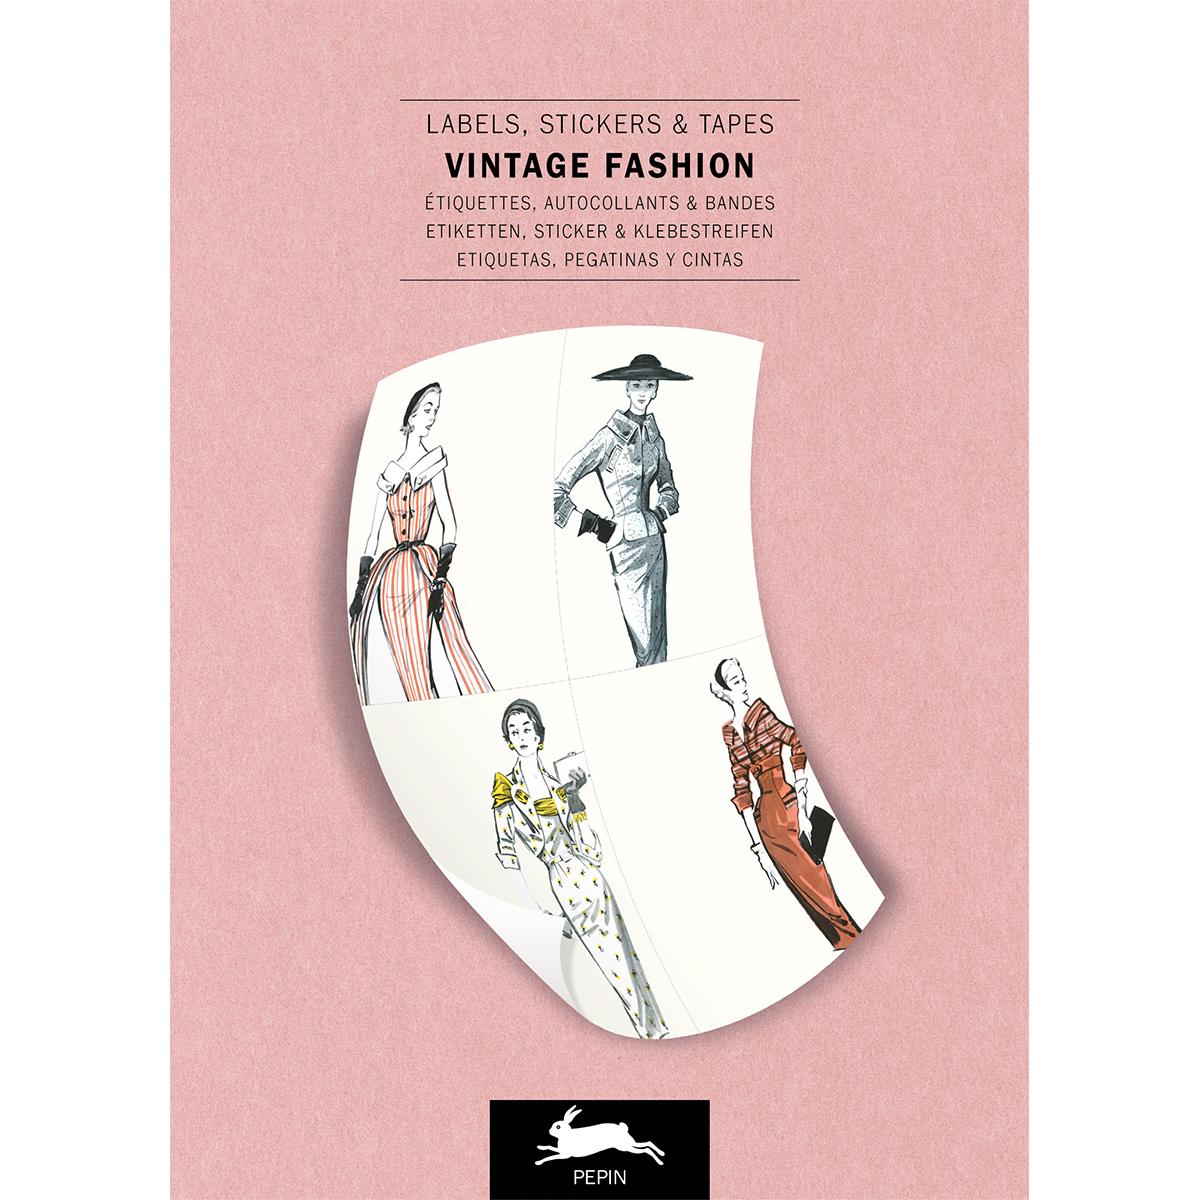 Vintage fashion sticker book